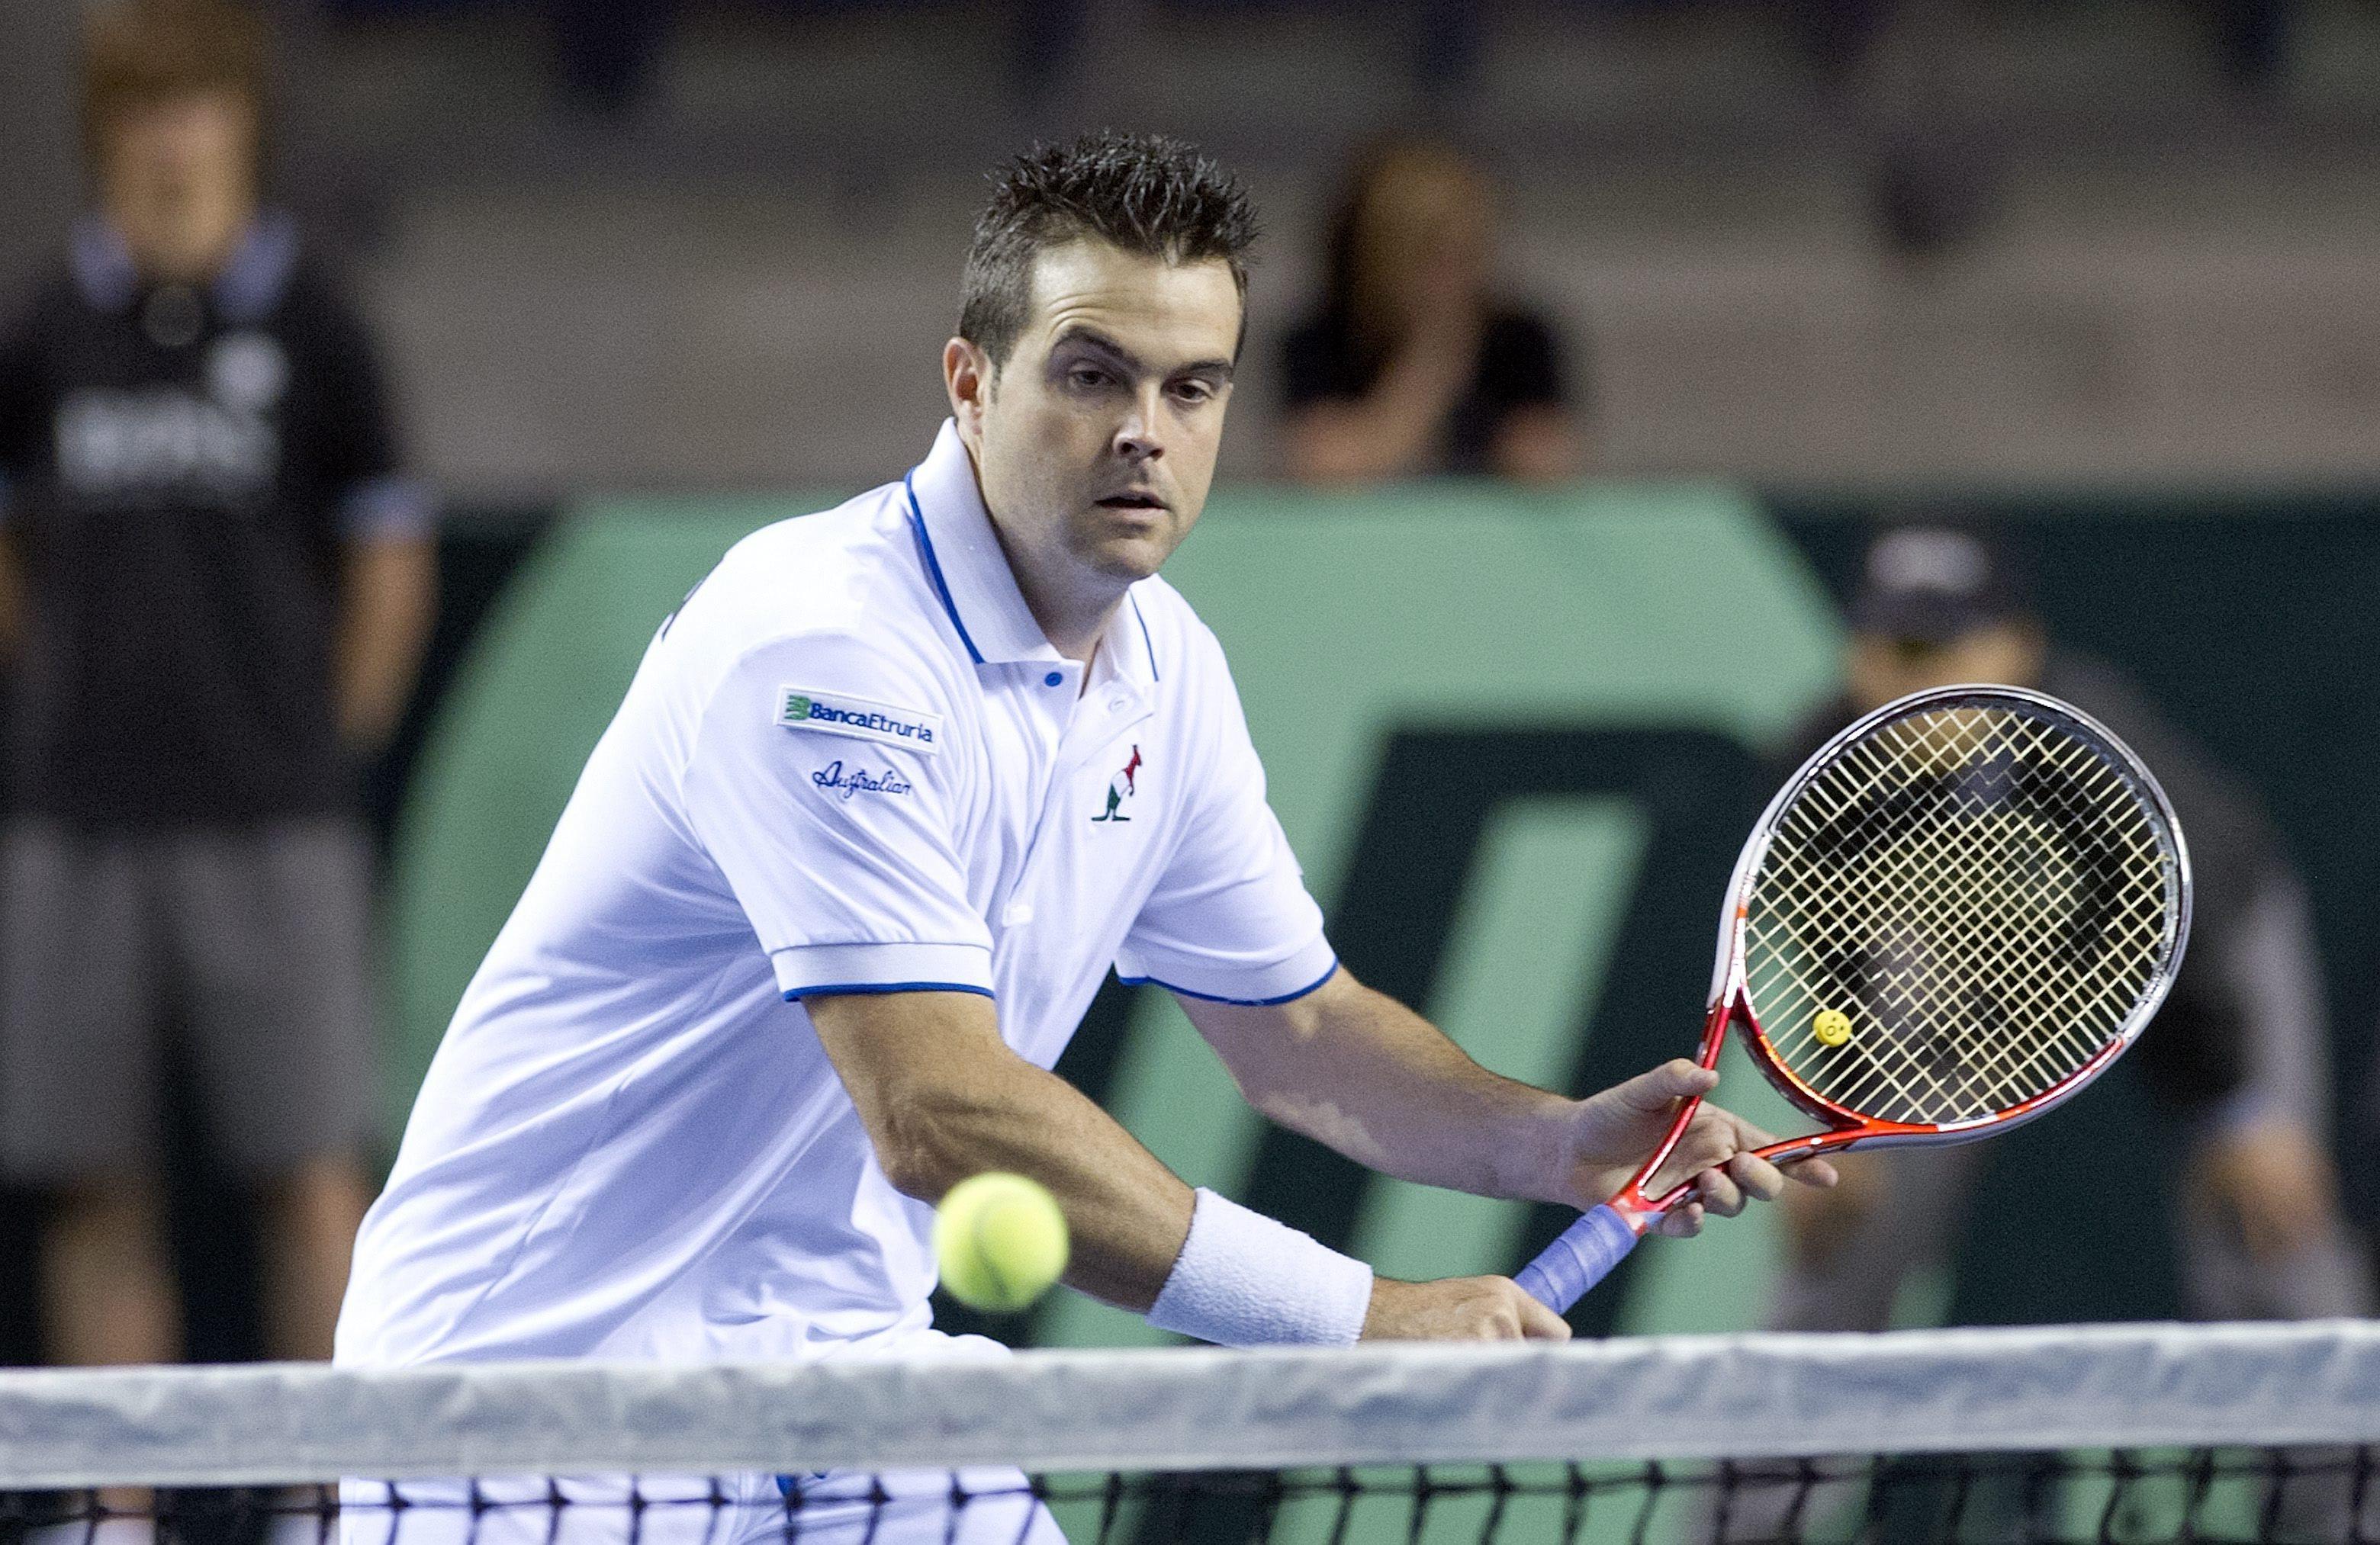 Tenista italiano Daniele Bracciali proibido de voltar a jogar por viciação de resultados